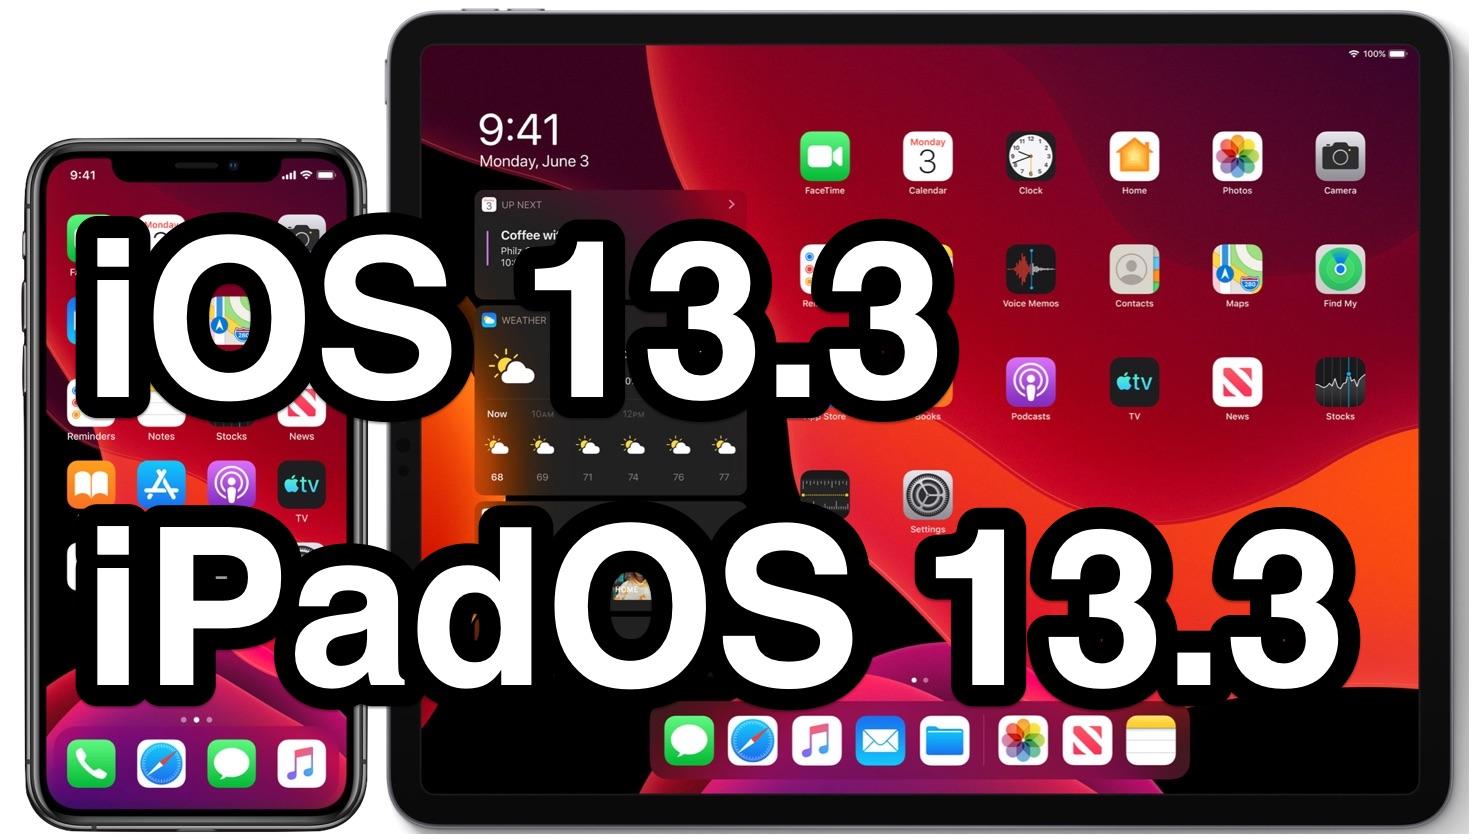 iOS 13.3 and iPadOS 13.3